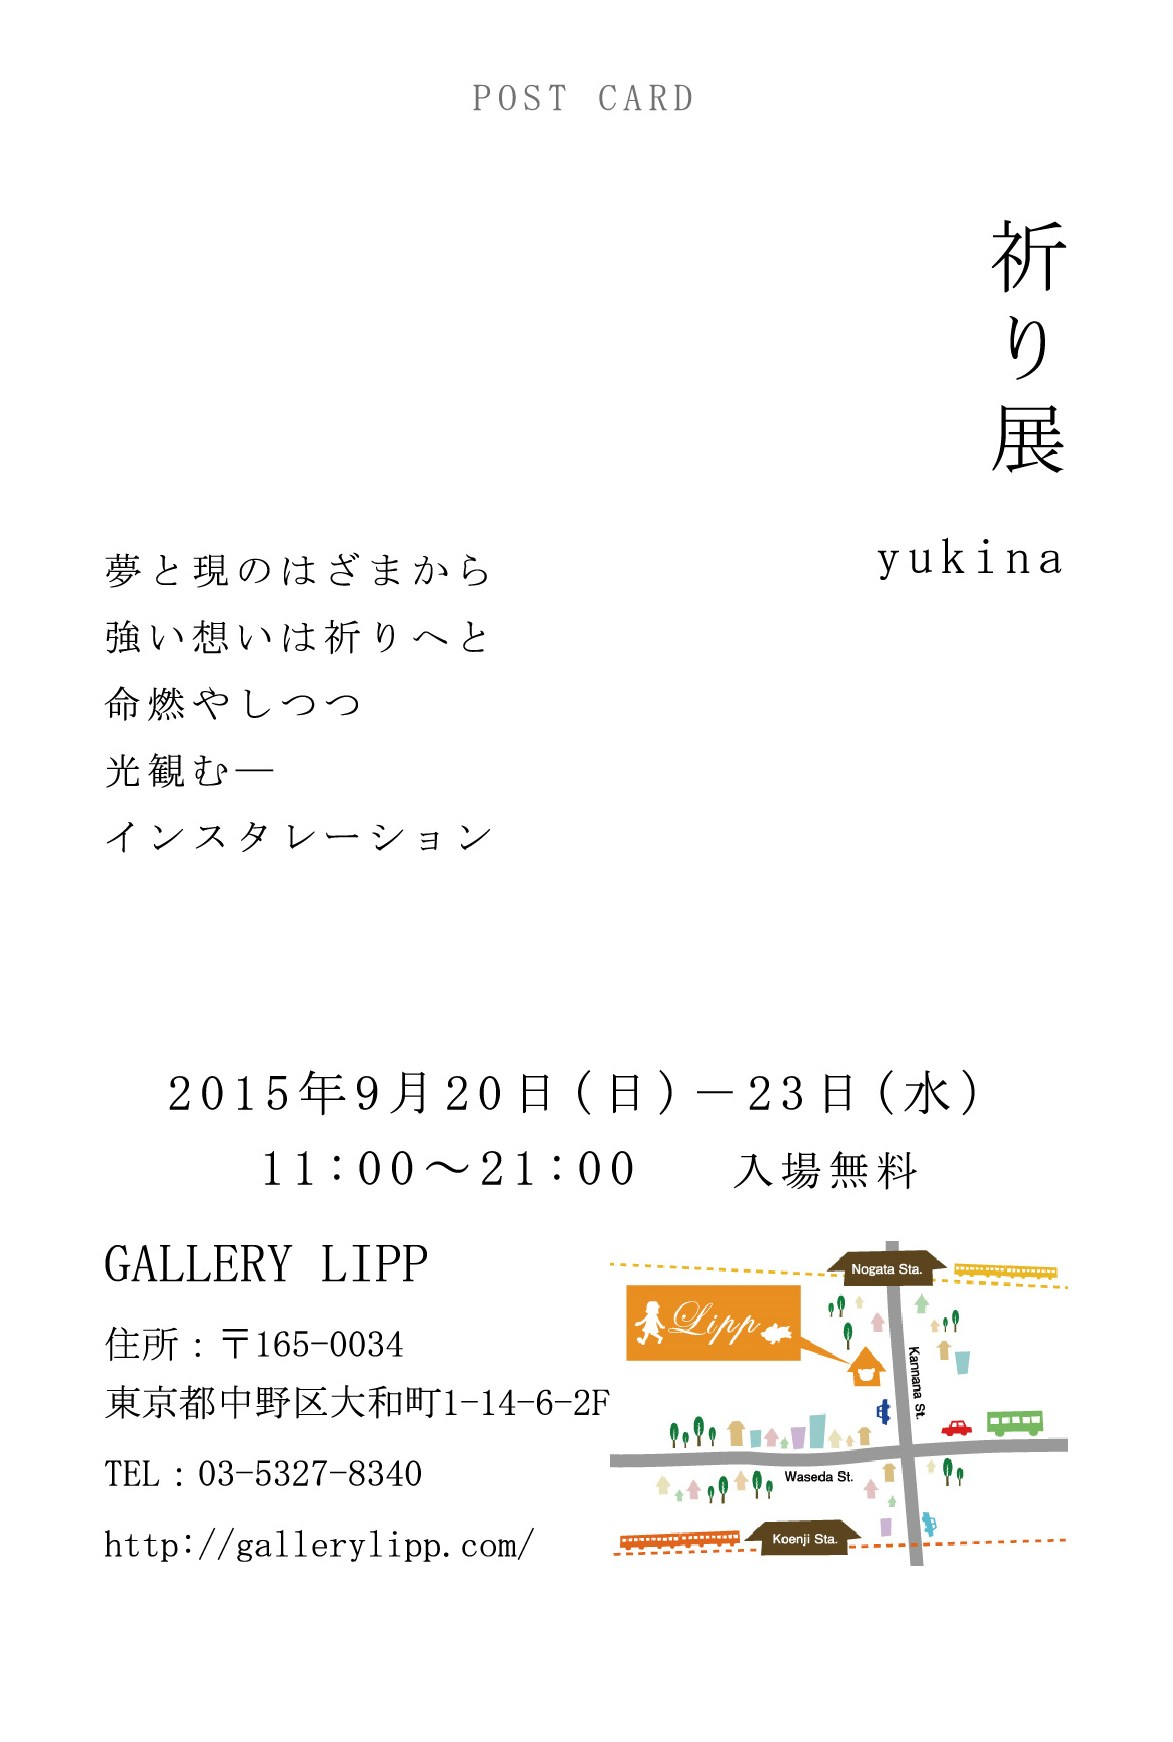 DM裏面 - コピー